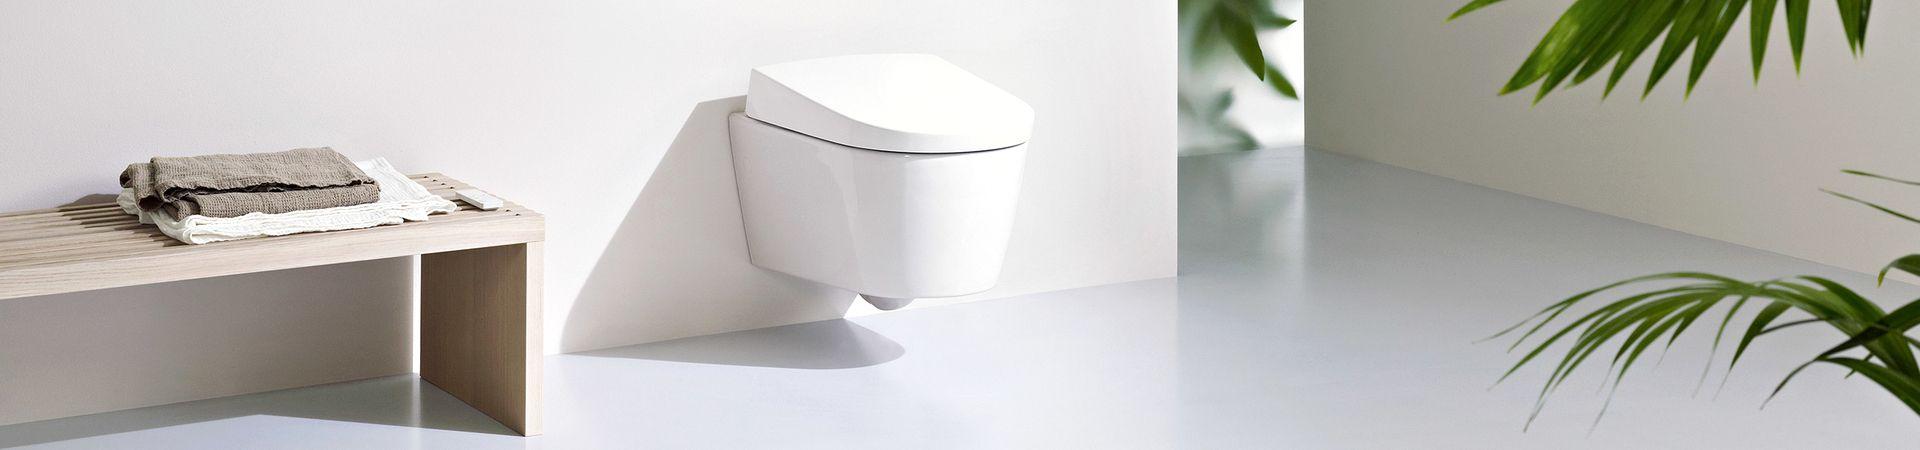 Het toilet schoonmaken? Zo doet u dat - Het toilet schoonmaken? Zo doet u dat